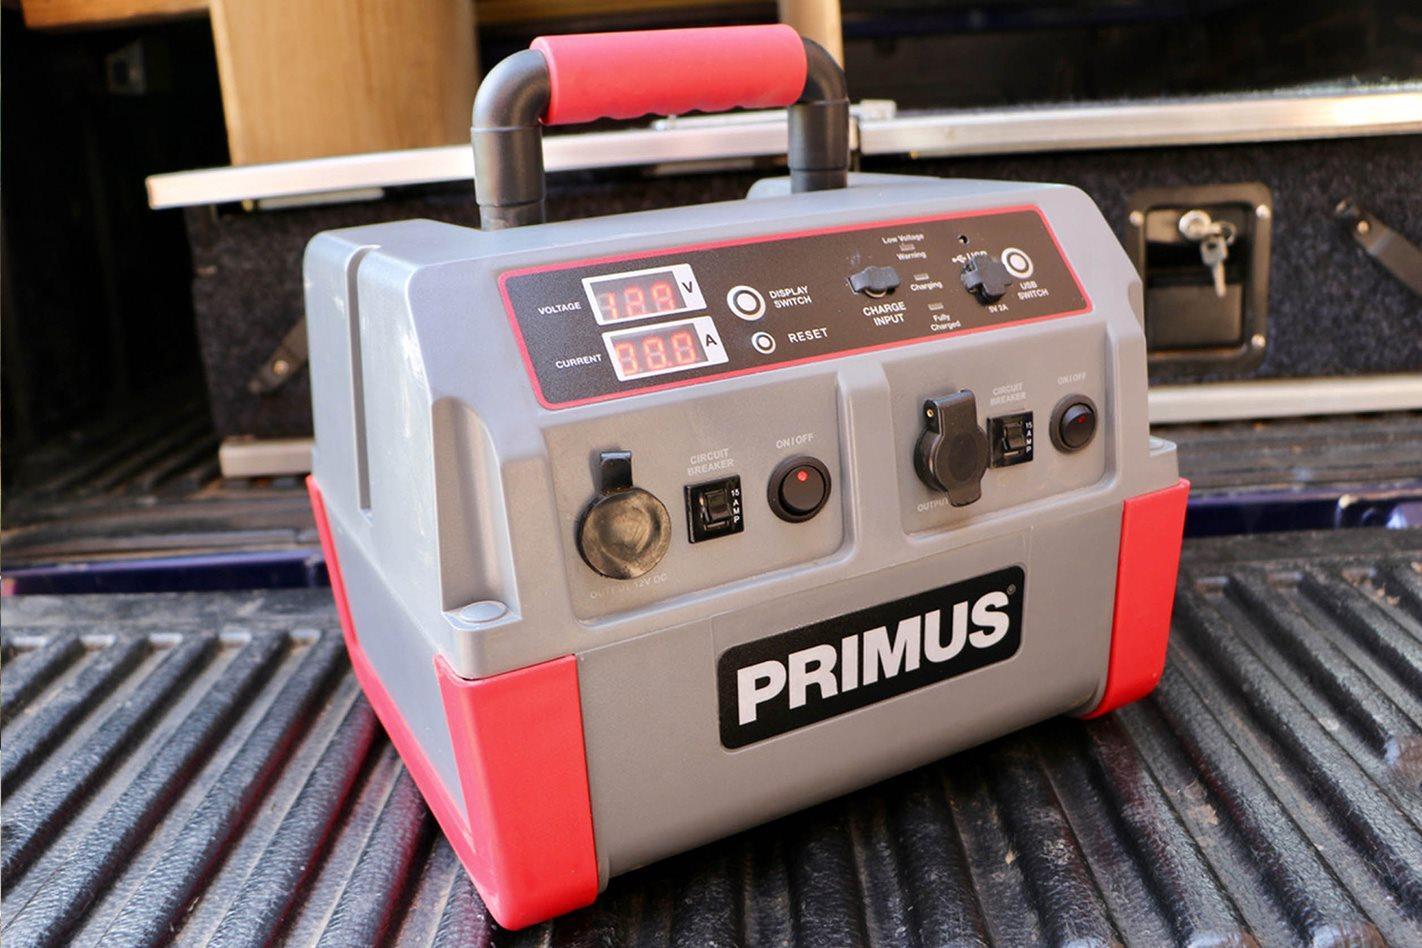 primus portable power pack 44ah manual